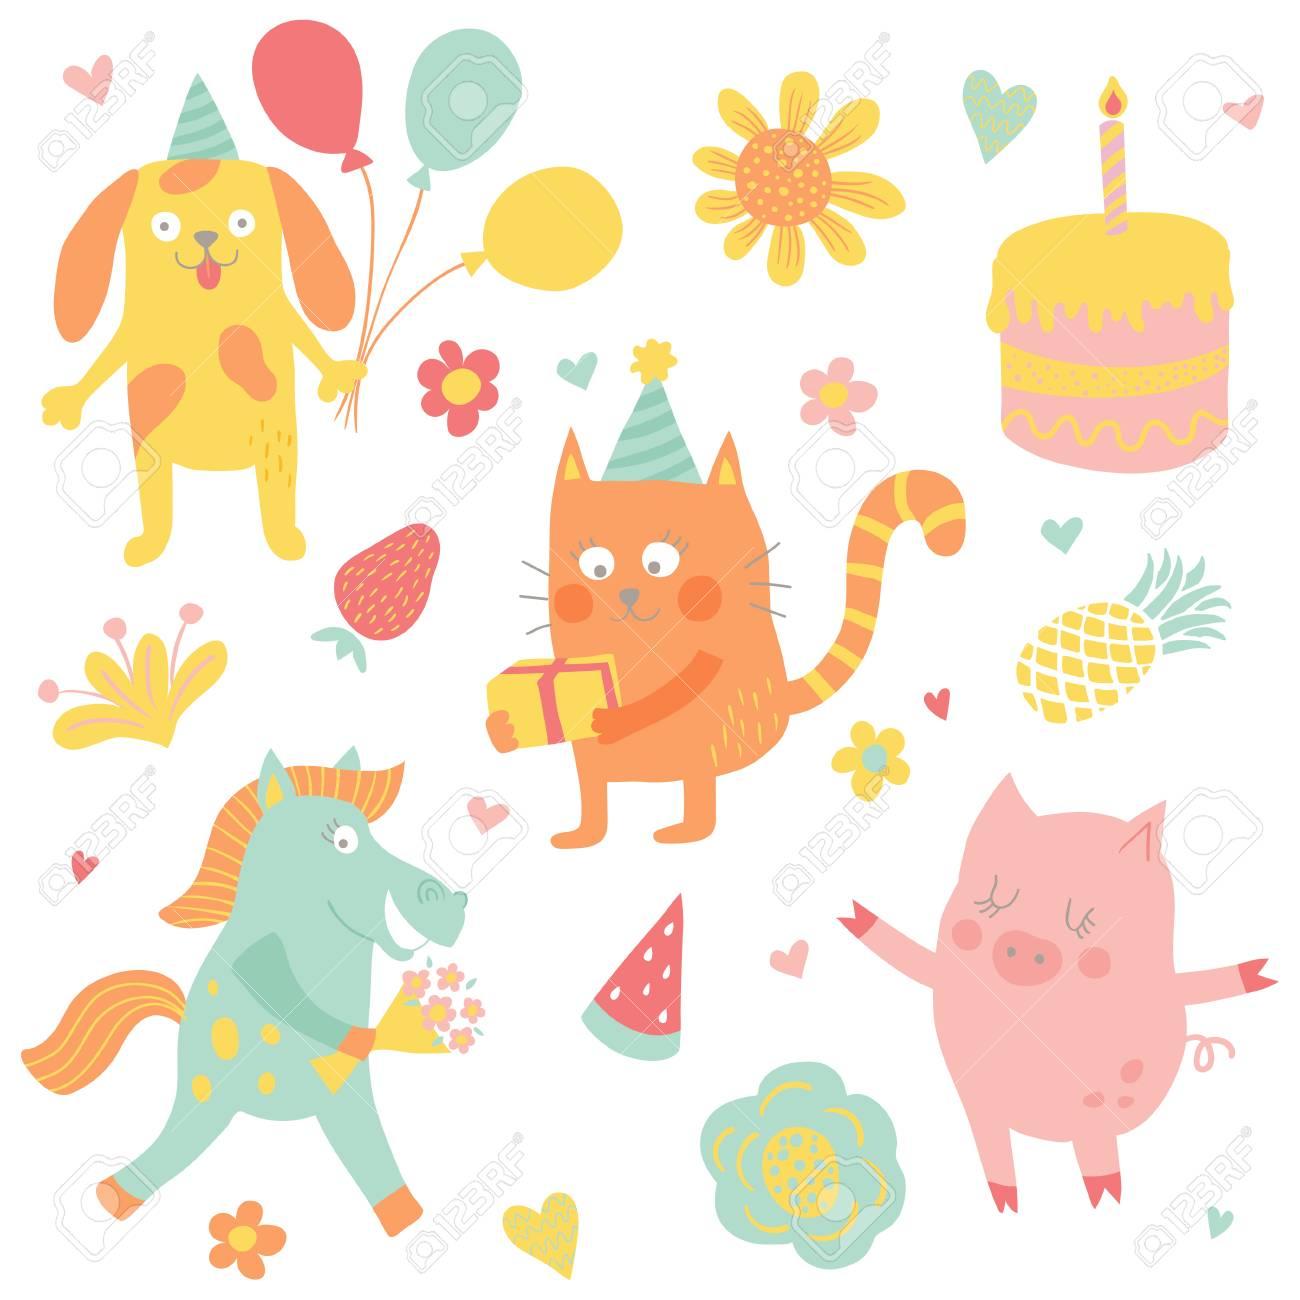 かわいいイラスト - 誕生日パーティーに変な動物のベクトルを設定